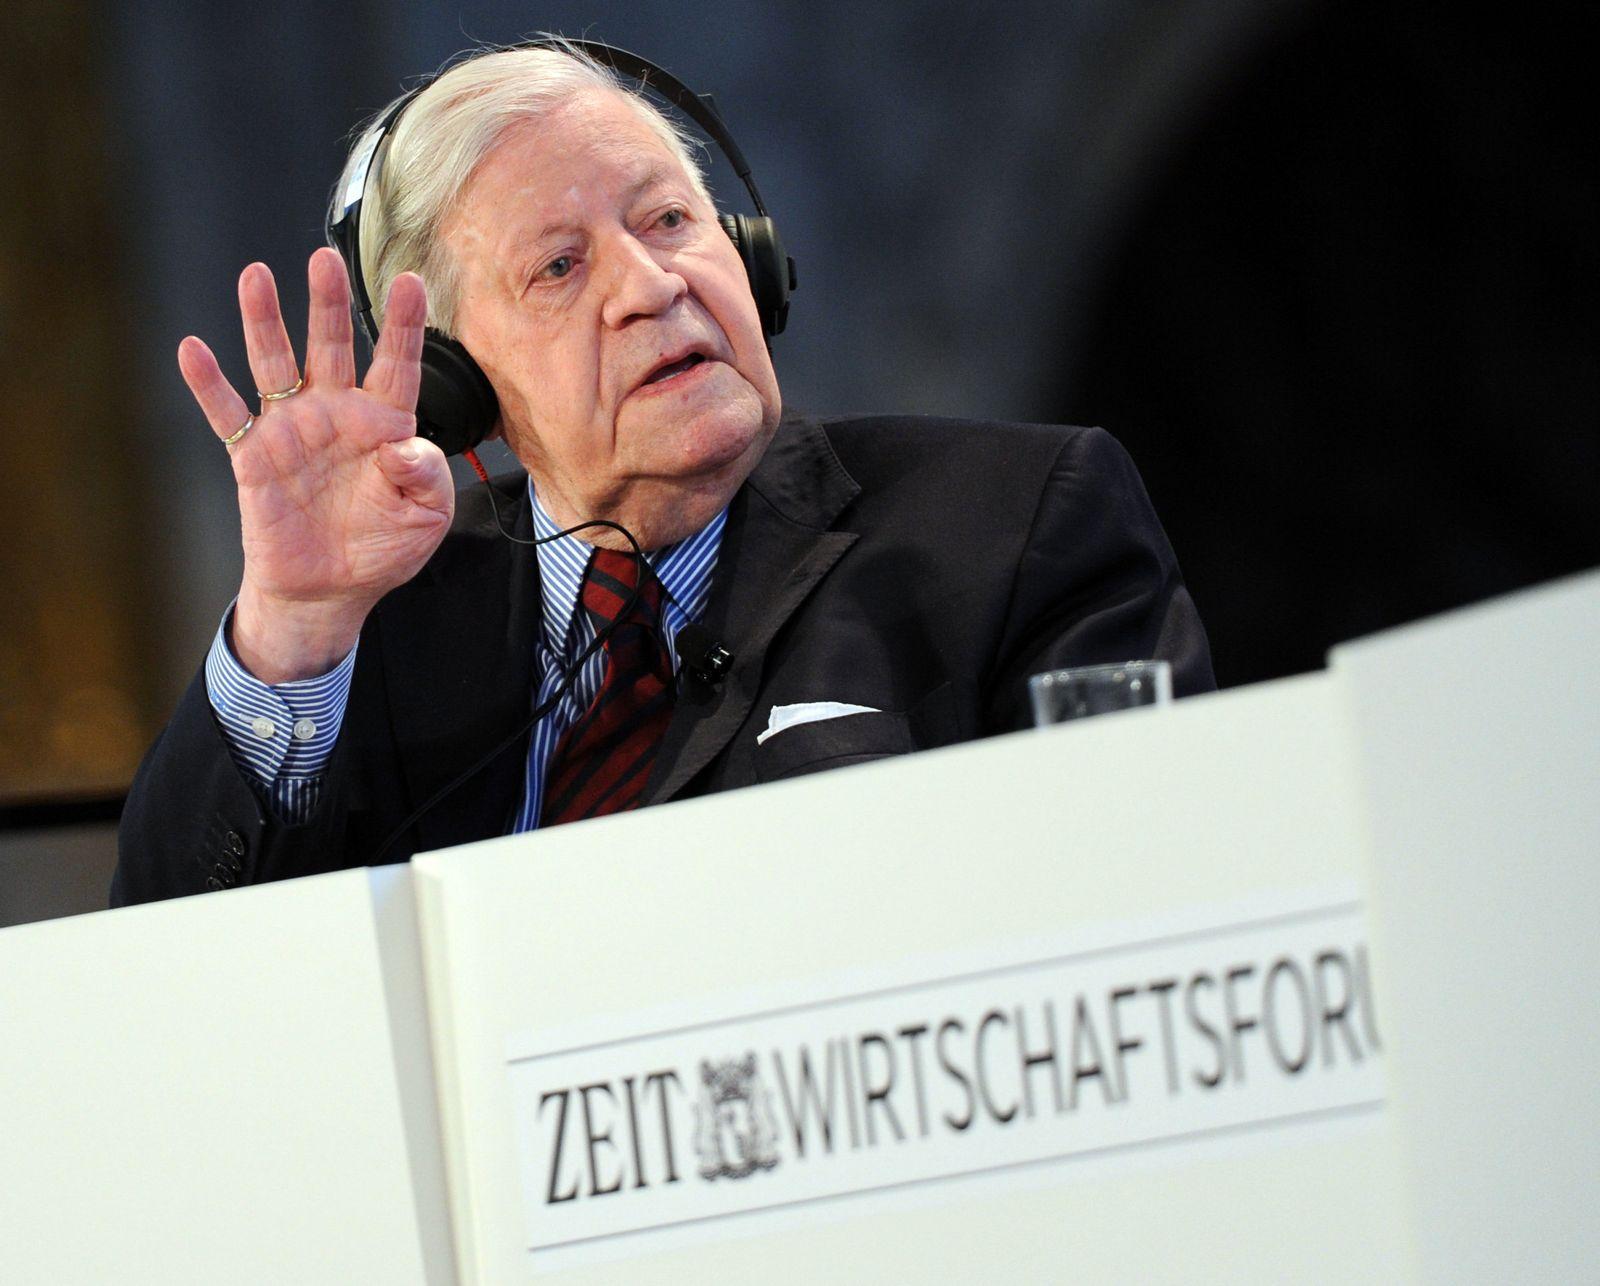 Zeit Wirtschaftsforum / Schmidt